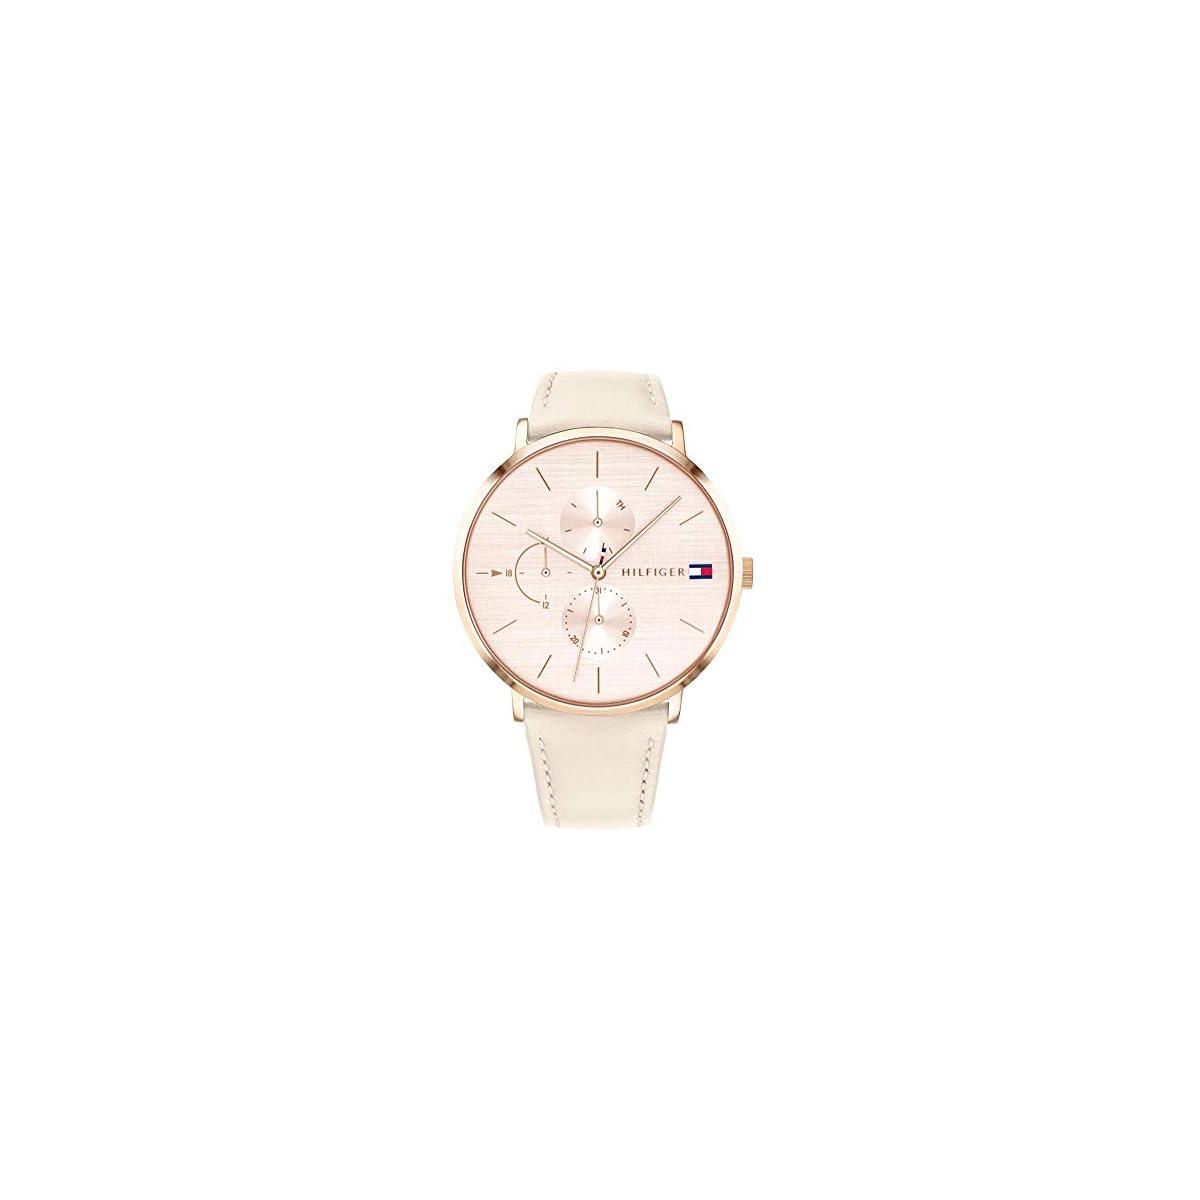 41QZRYatMOL. SS1200  - Tommy Hilfiger Reloj Multiesfera para Mujer de Cuarzo con Correa en Cuero 1781948